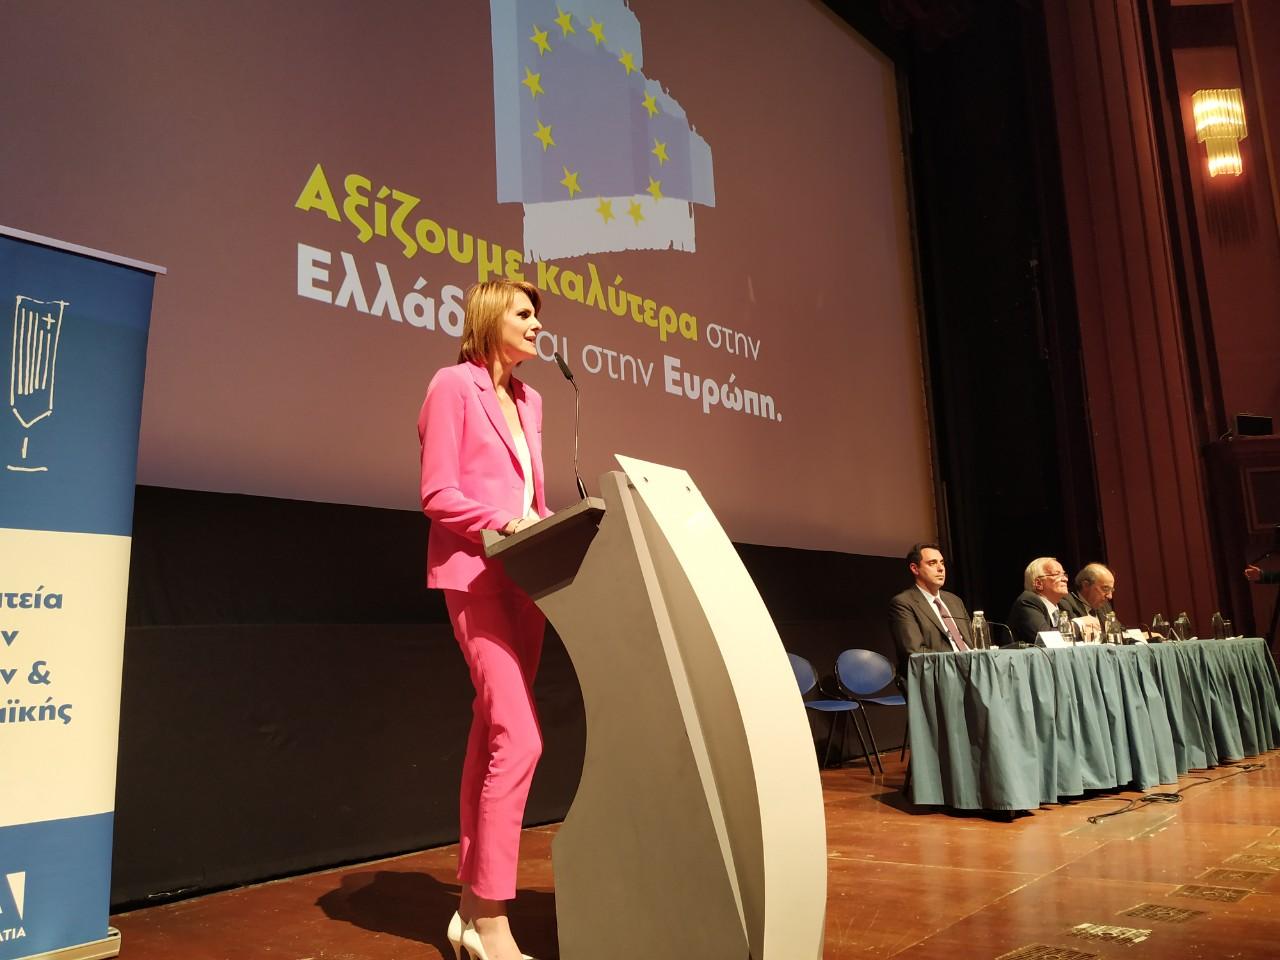 Η Κατερίνα Μάρκου στην εκδήλωση της ΝΔ στη Θεσσαλονίκη